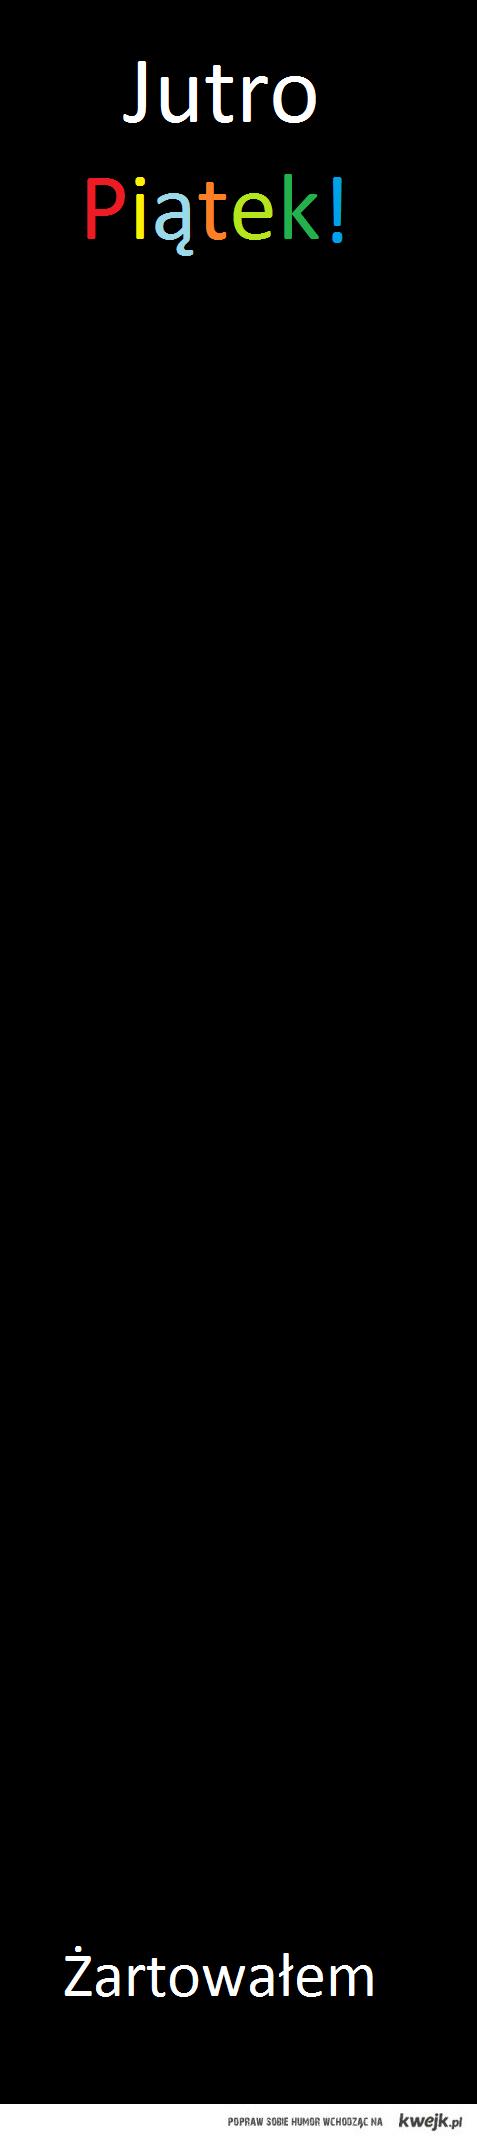 piąteczek